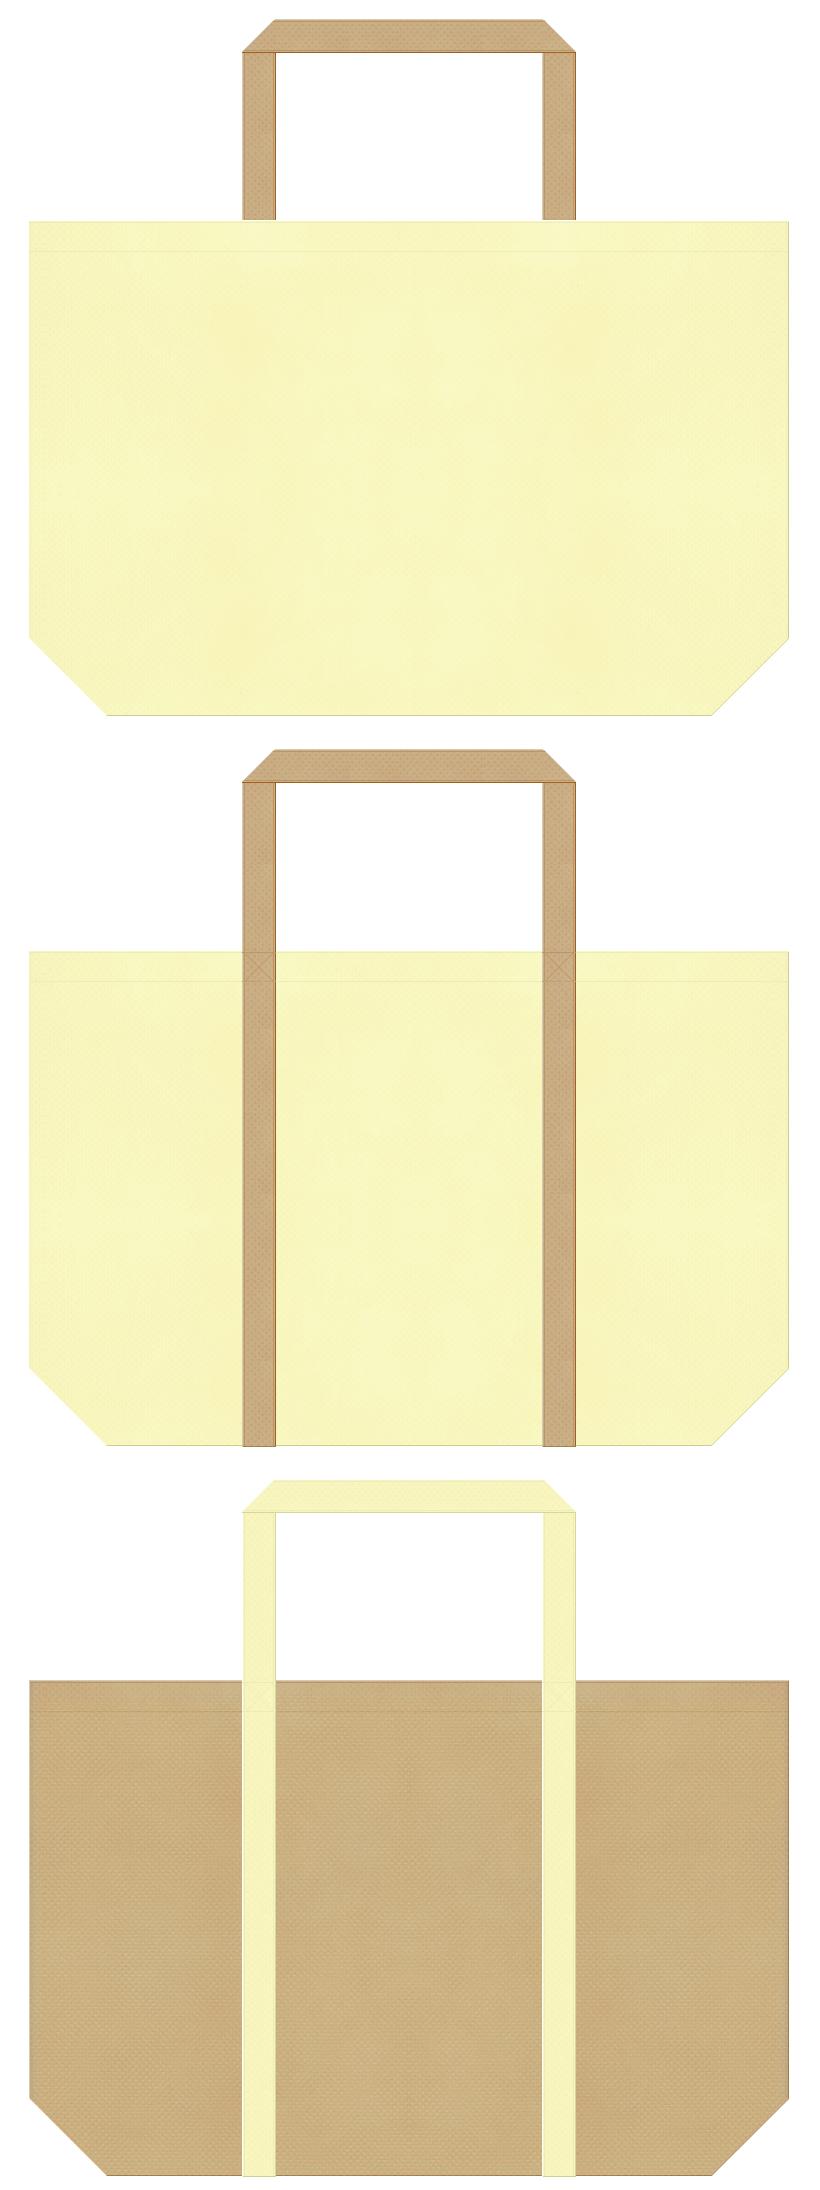 薄黄色とカーキ色の不織布マイバッグデザイン。ベーカリーのショッピングバッグにお奨めです。